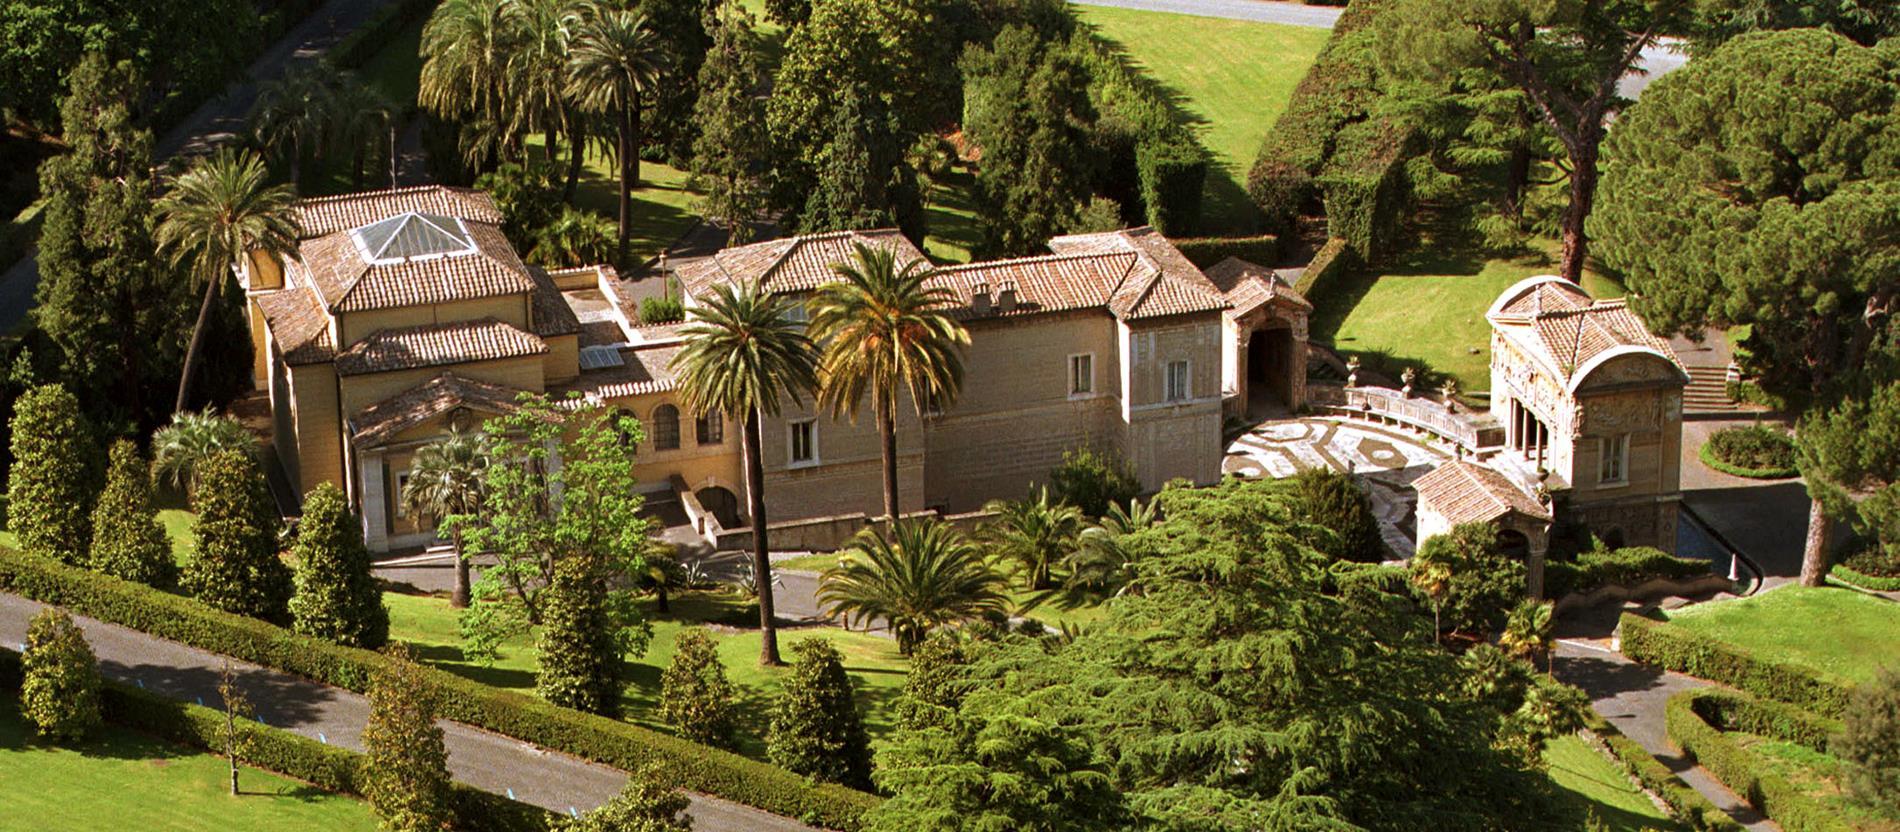 Eine Luftaufnahme des Hauses Casina di Pio in den Vatikanischen Gärten